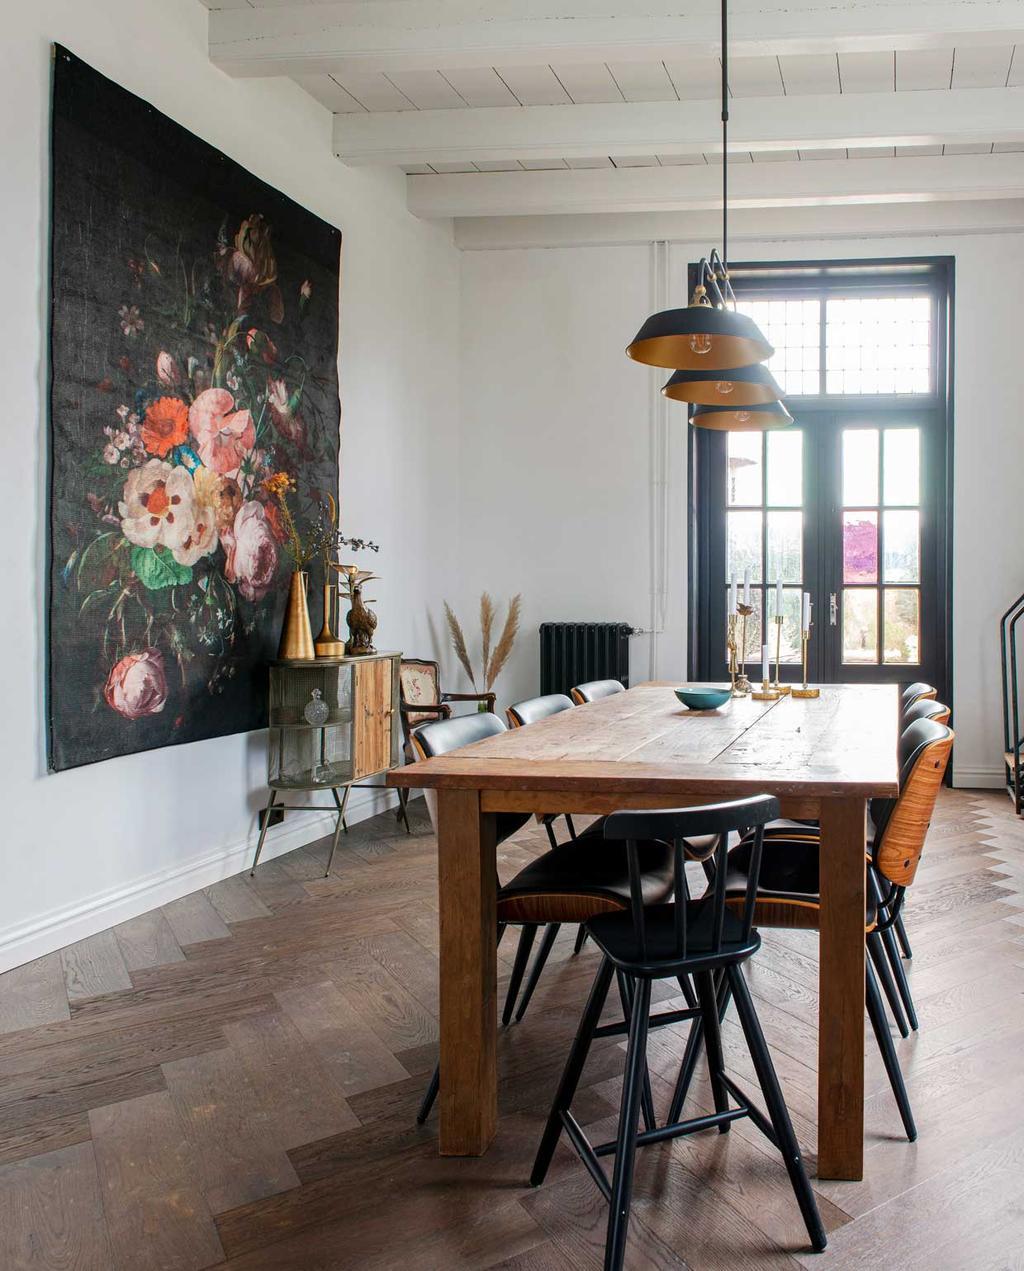 vtwonen 08-2020 | binnenkijken hillegom | woonkamer met eettafel en groot bloemen schilderij aan de muur